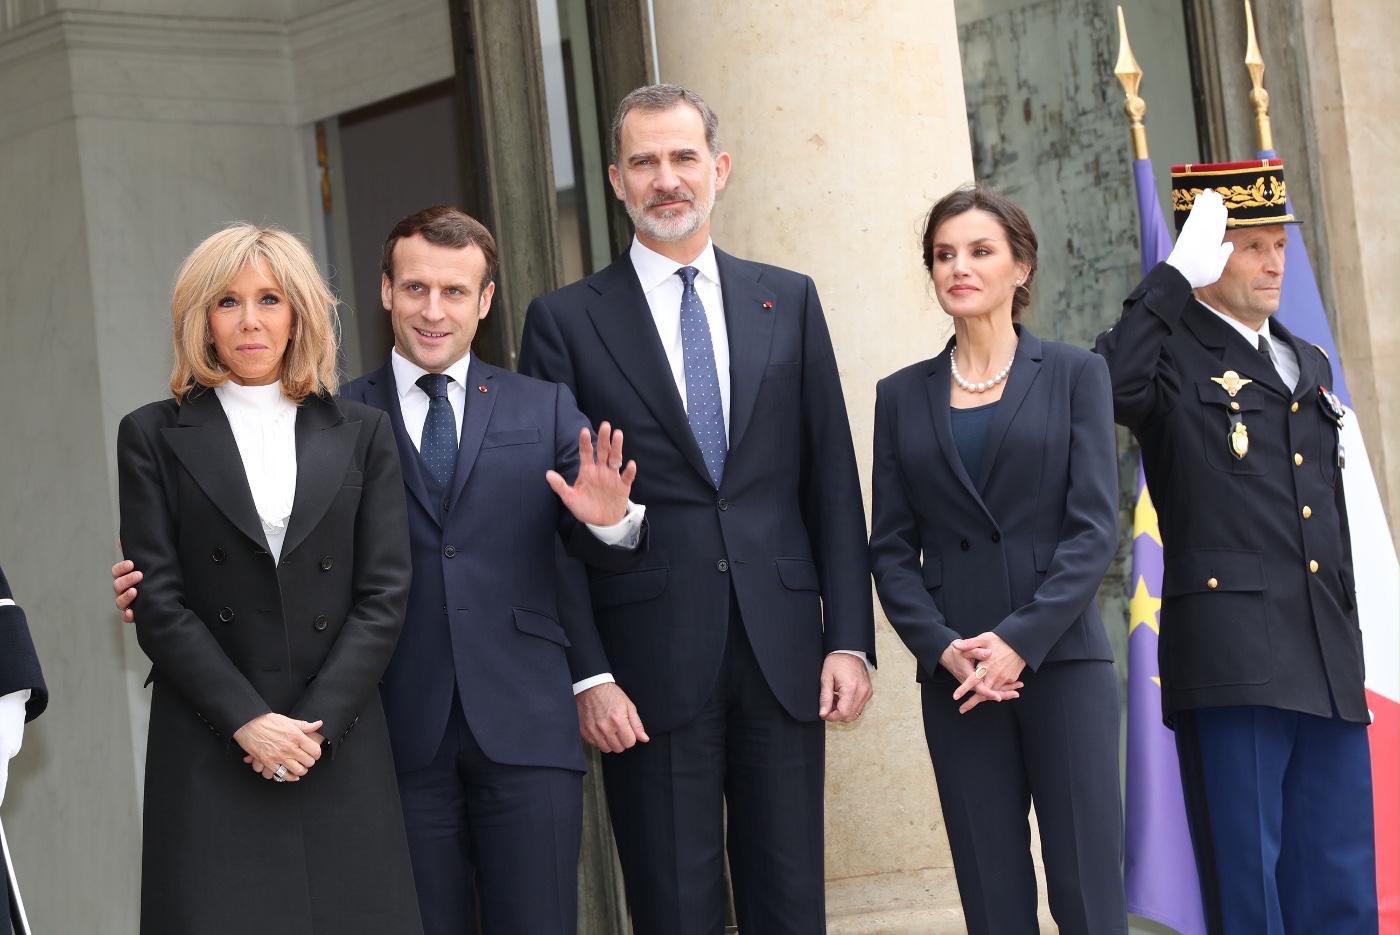 Homeactividades Y Agenda Almuerzo Ofrecido Por Sus Excelencias El Presidente De La Republica Francesa Sr Emmanuel Macron Y La Sra Brigitte Macron